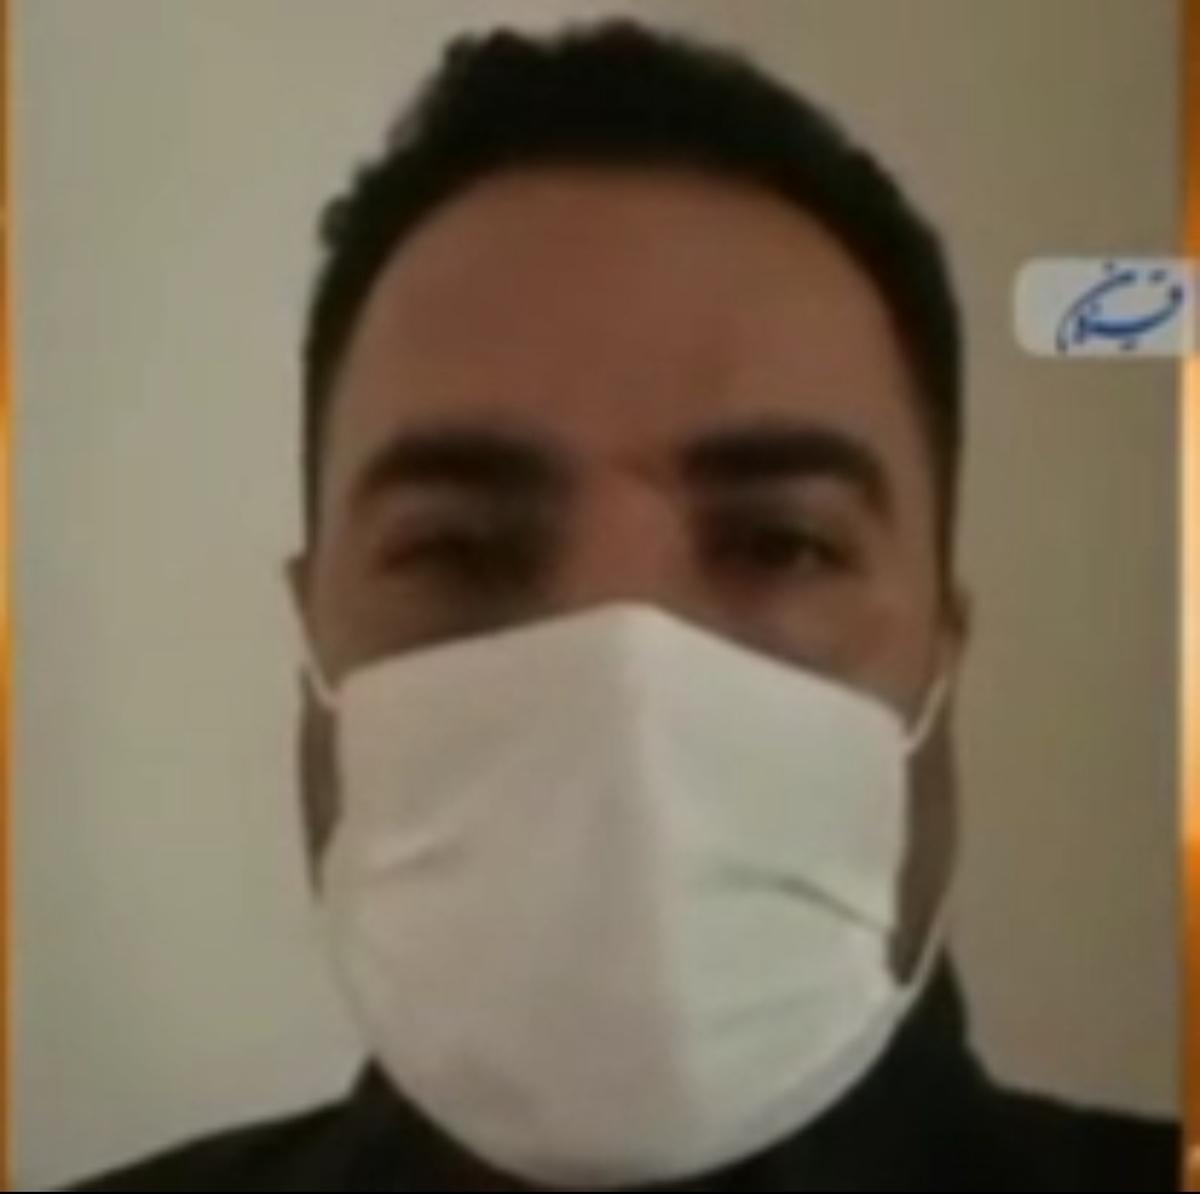 فوت اولین بیمار مبتلا به کرونای انگلیسی در استان قزوین + ویدئو